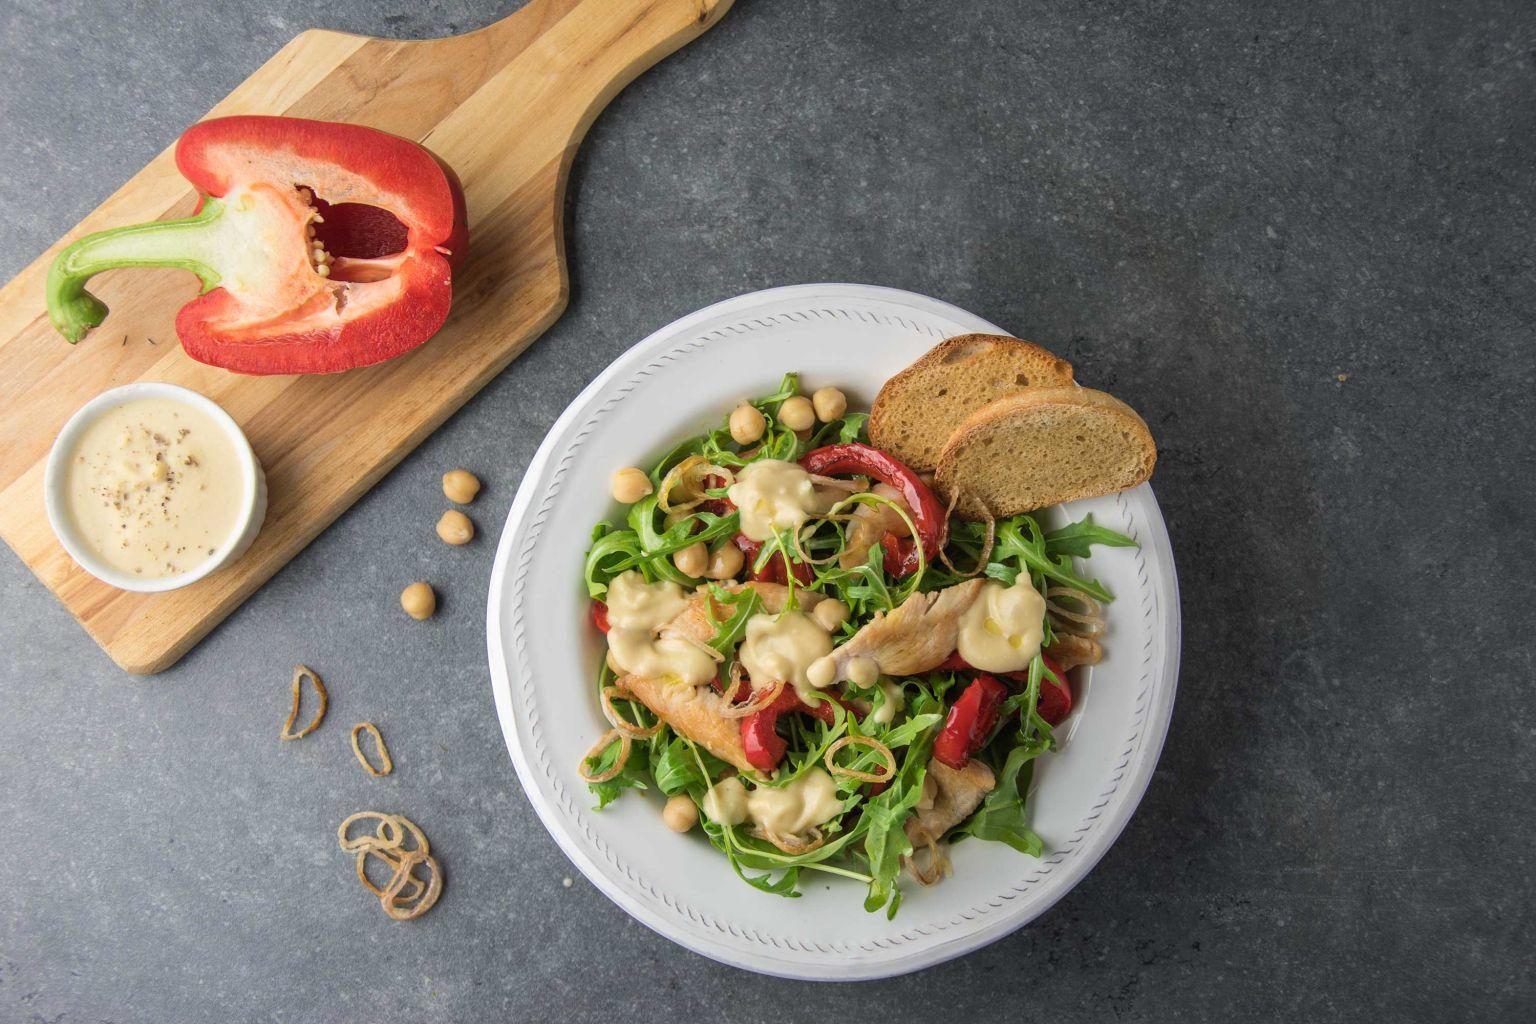 Recette salade printani re la dinde et poivron rouge grill quitoque - Salade de poivron grille ...